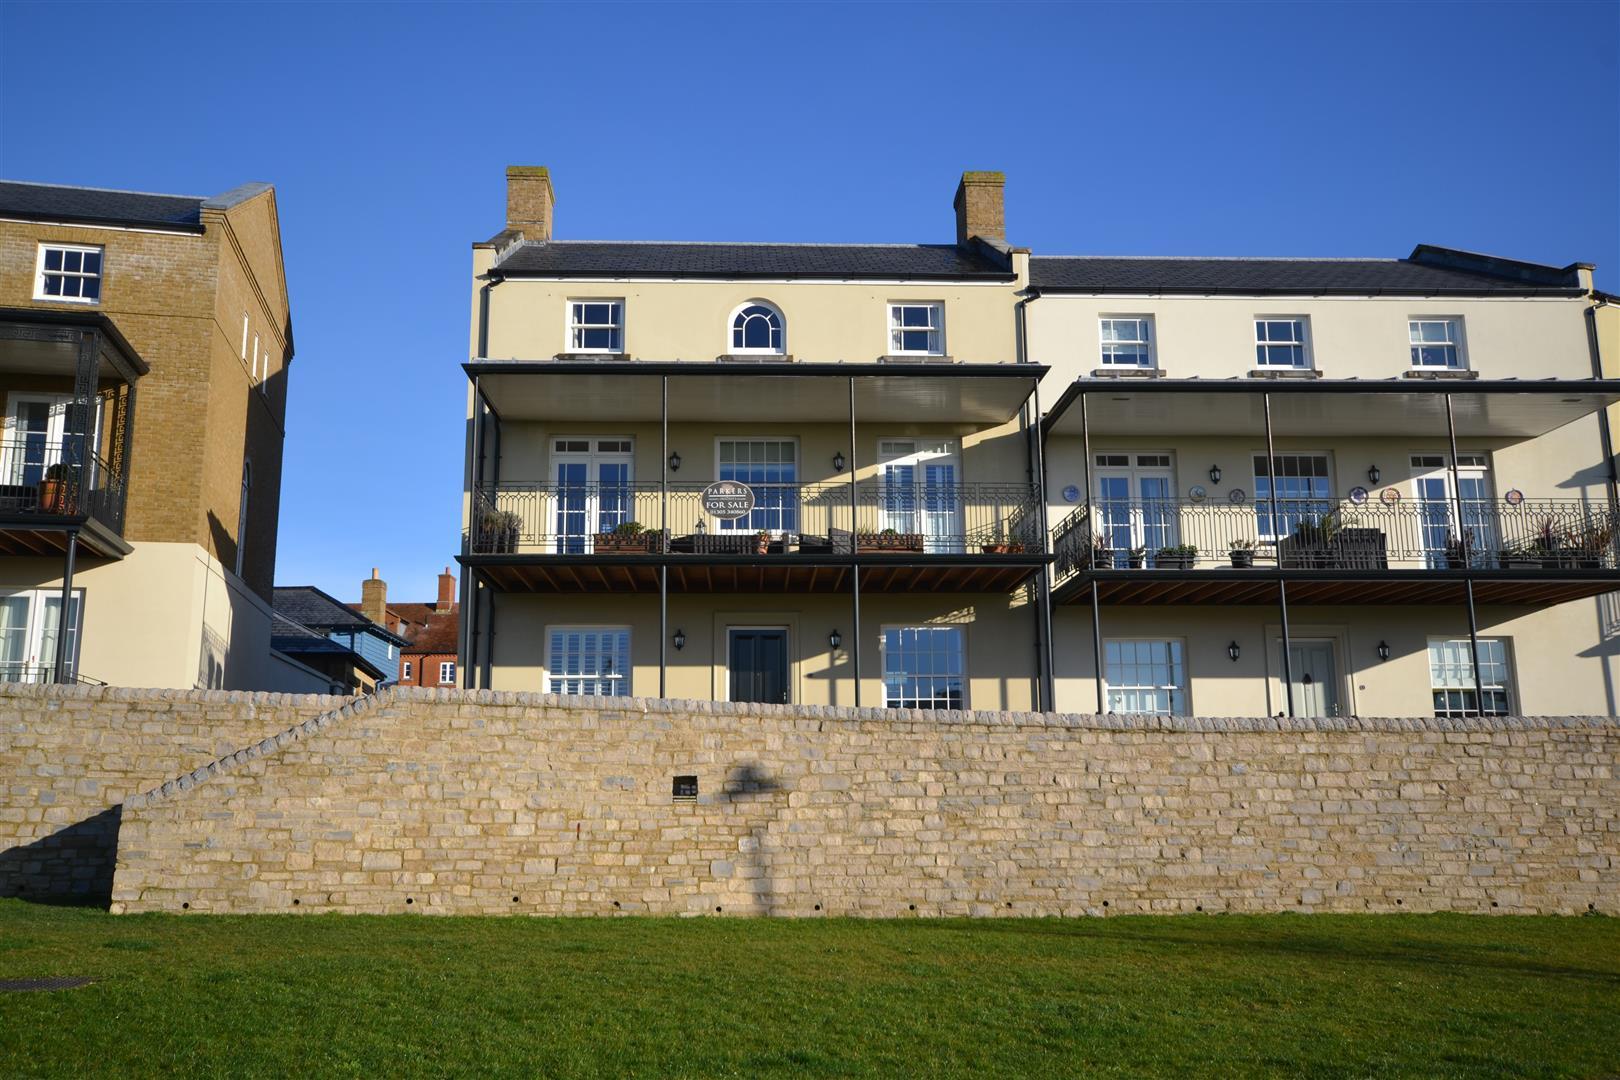 Ladock Terrace, Poundbury, Dorchester